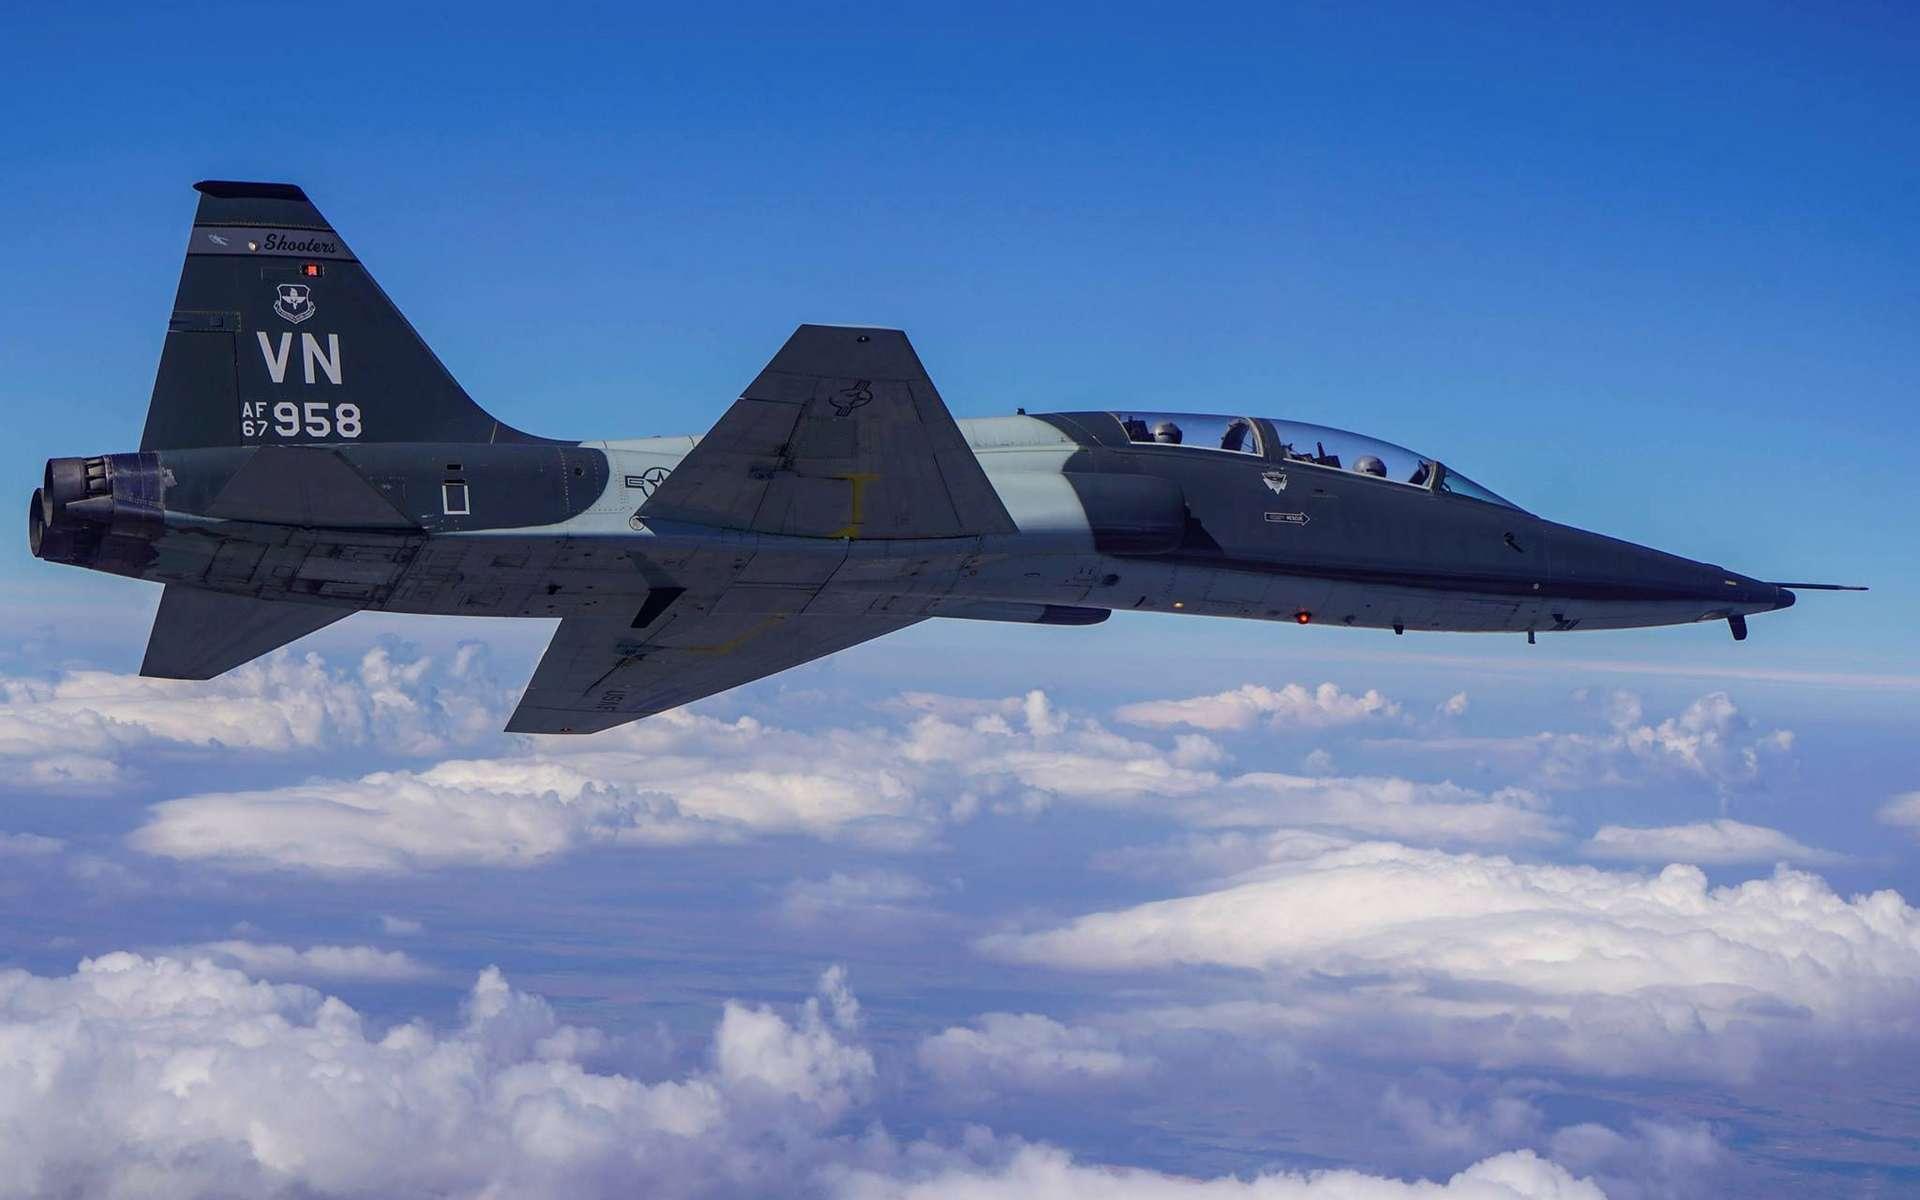 Le T-38 sera le premier avion de combat équipé de ce système de réalité virtuelle. © US Air Force